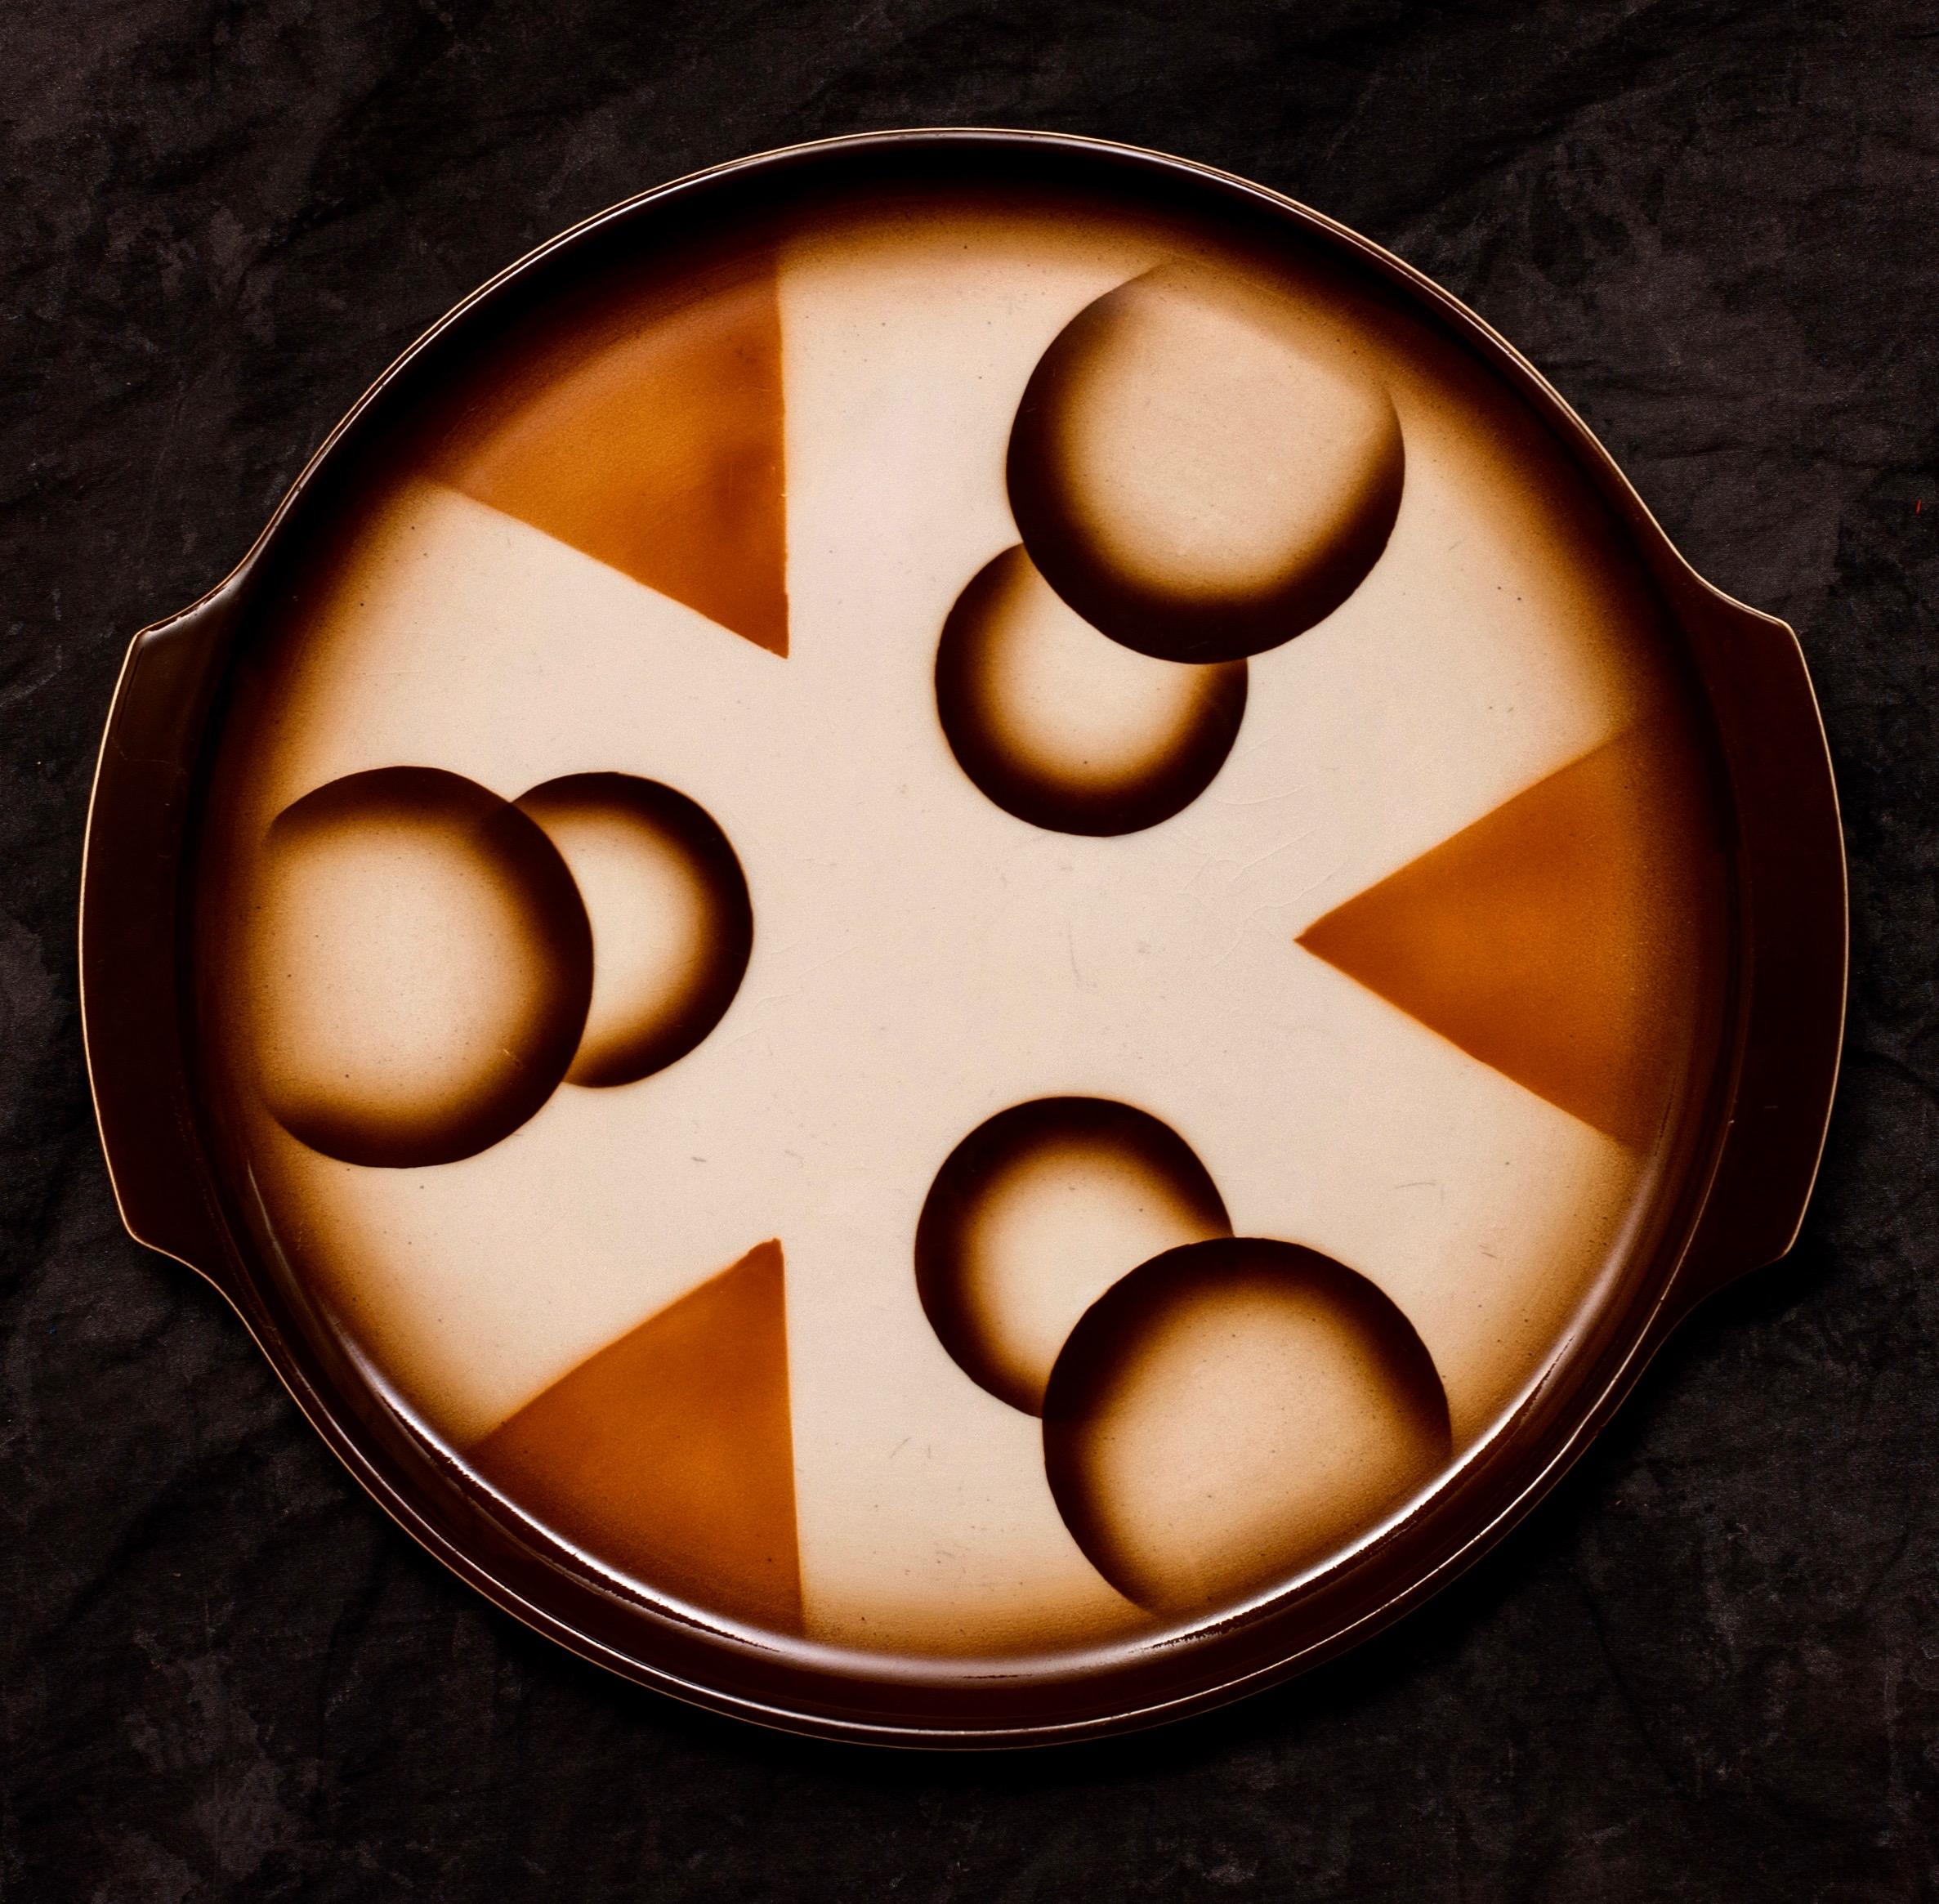 """#34 Platter, form 6300/1 service 145 """"Darmstadt"""", dec.2925, Roesler – Darmstadt, ca.1933. Black mfr.; Blind 6300-1; 2.2 cm x 33 cm top, 28.5 cm base Ø. RM1696"""